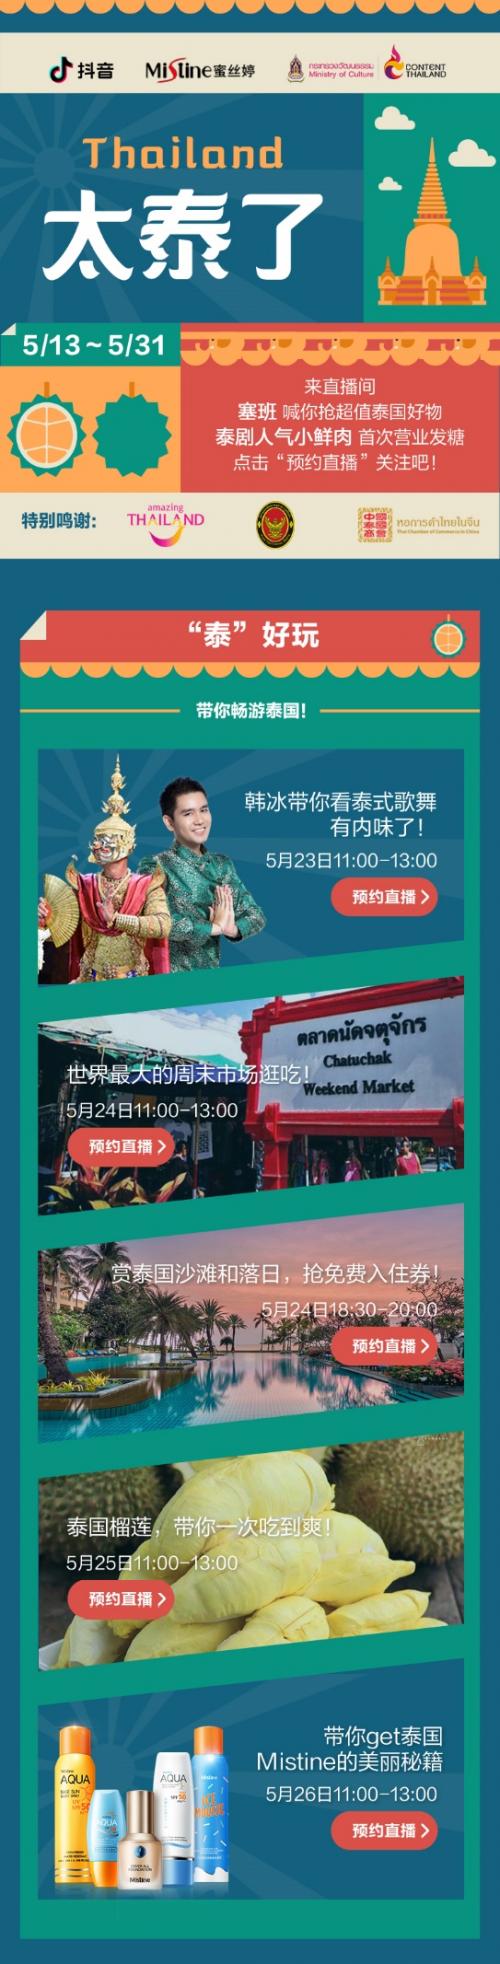 #太泰了# 首届抖音泰国文化购物节直播盛典大发彩票客服